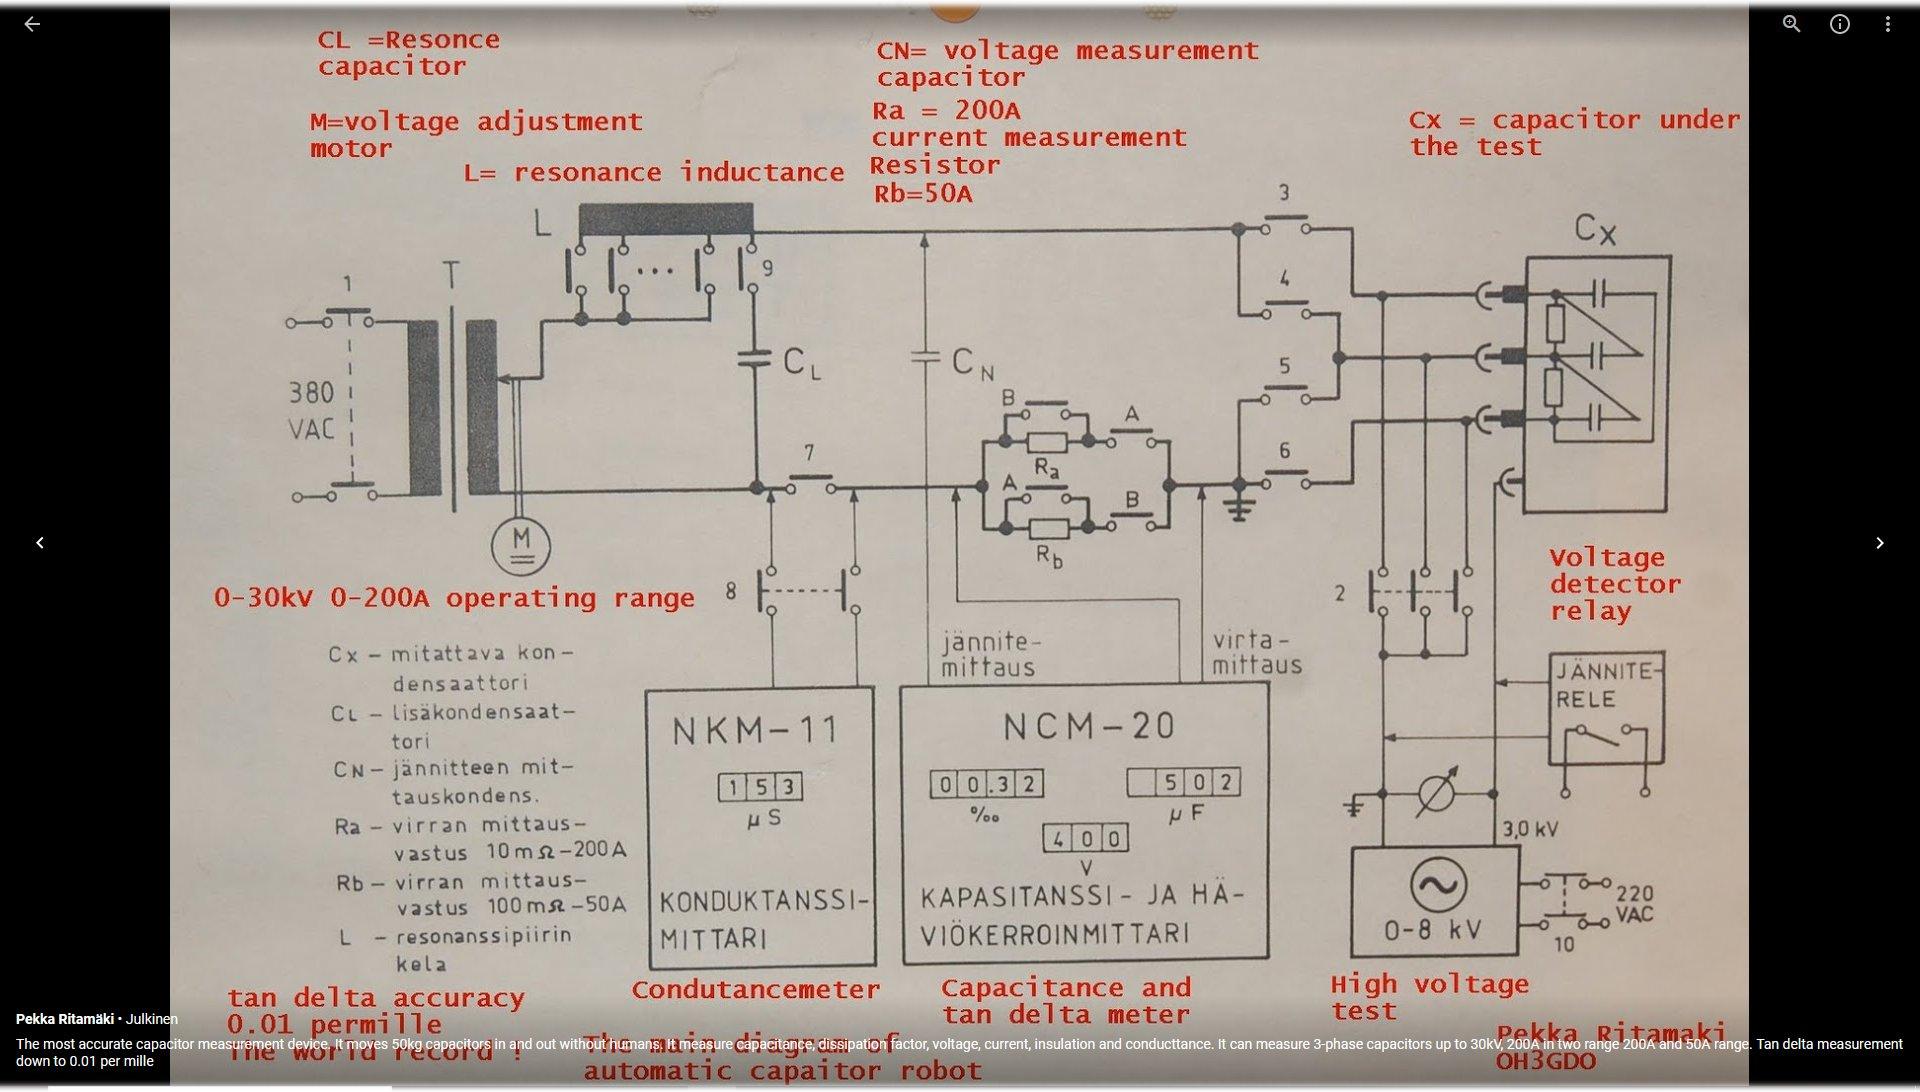 Kondensaattorimittari2.jpg